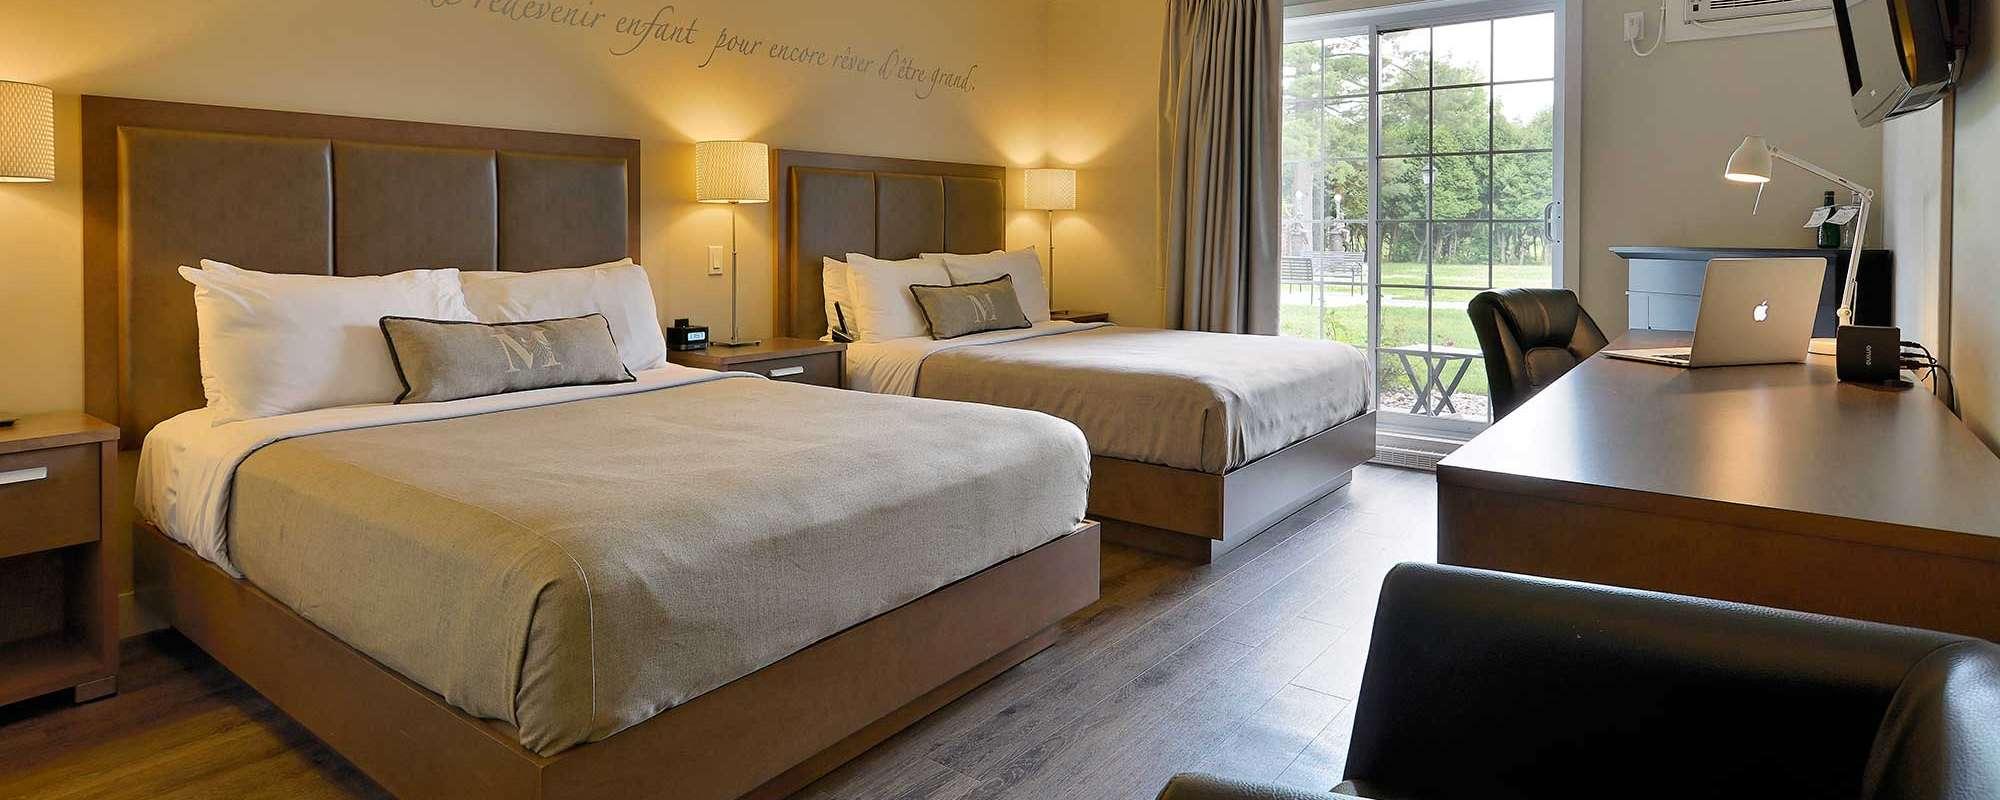 Hotel Chambre Foyer : Oasis chambres d hôtel près de trois rivières